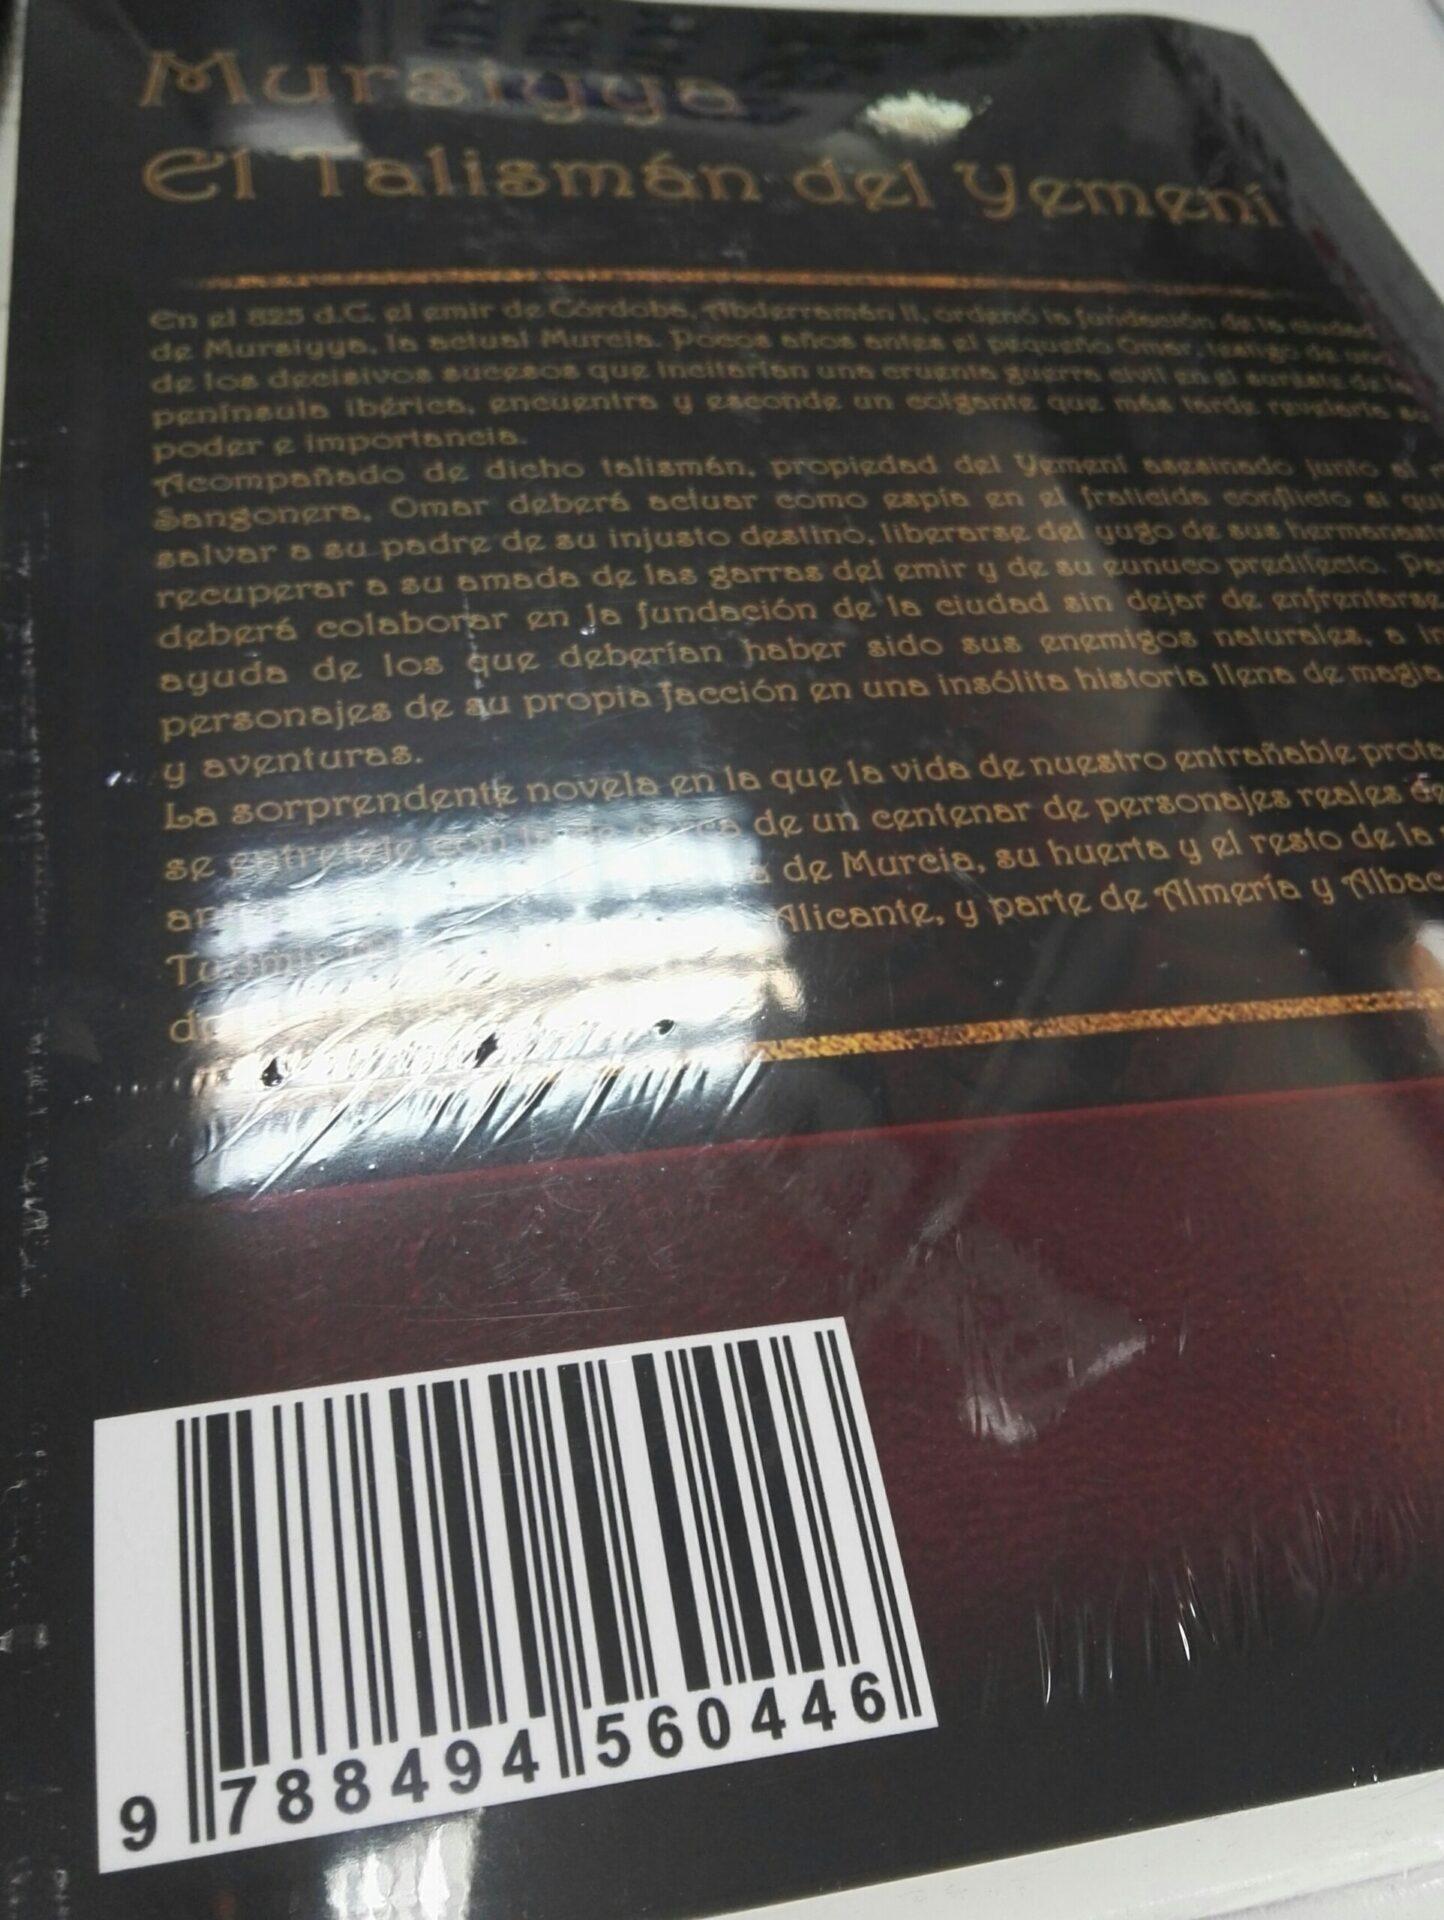 El código de barras de un libro